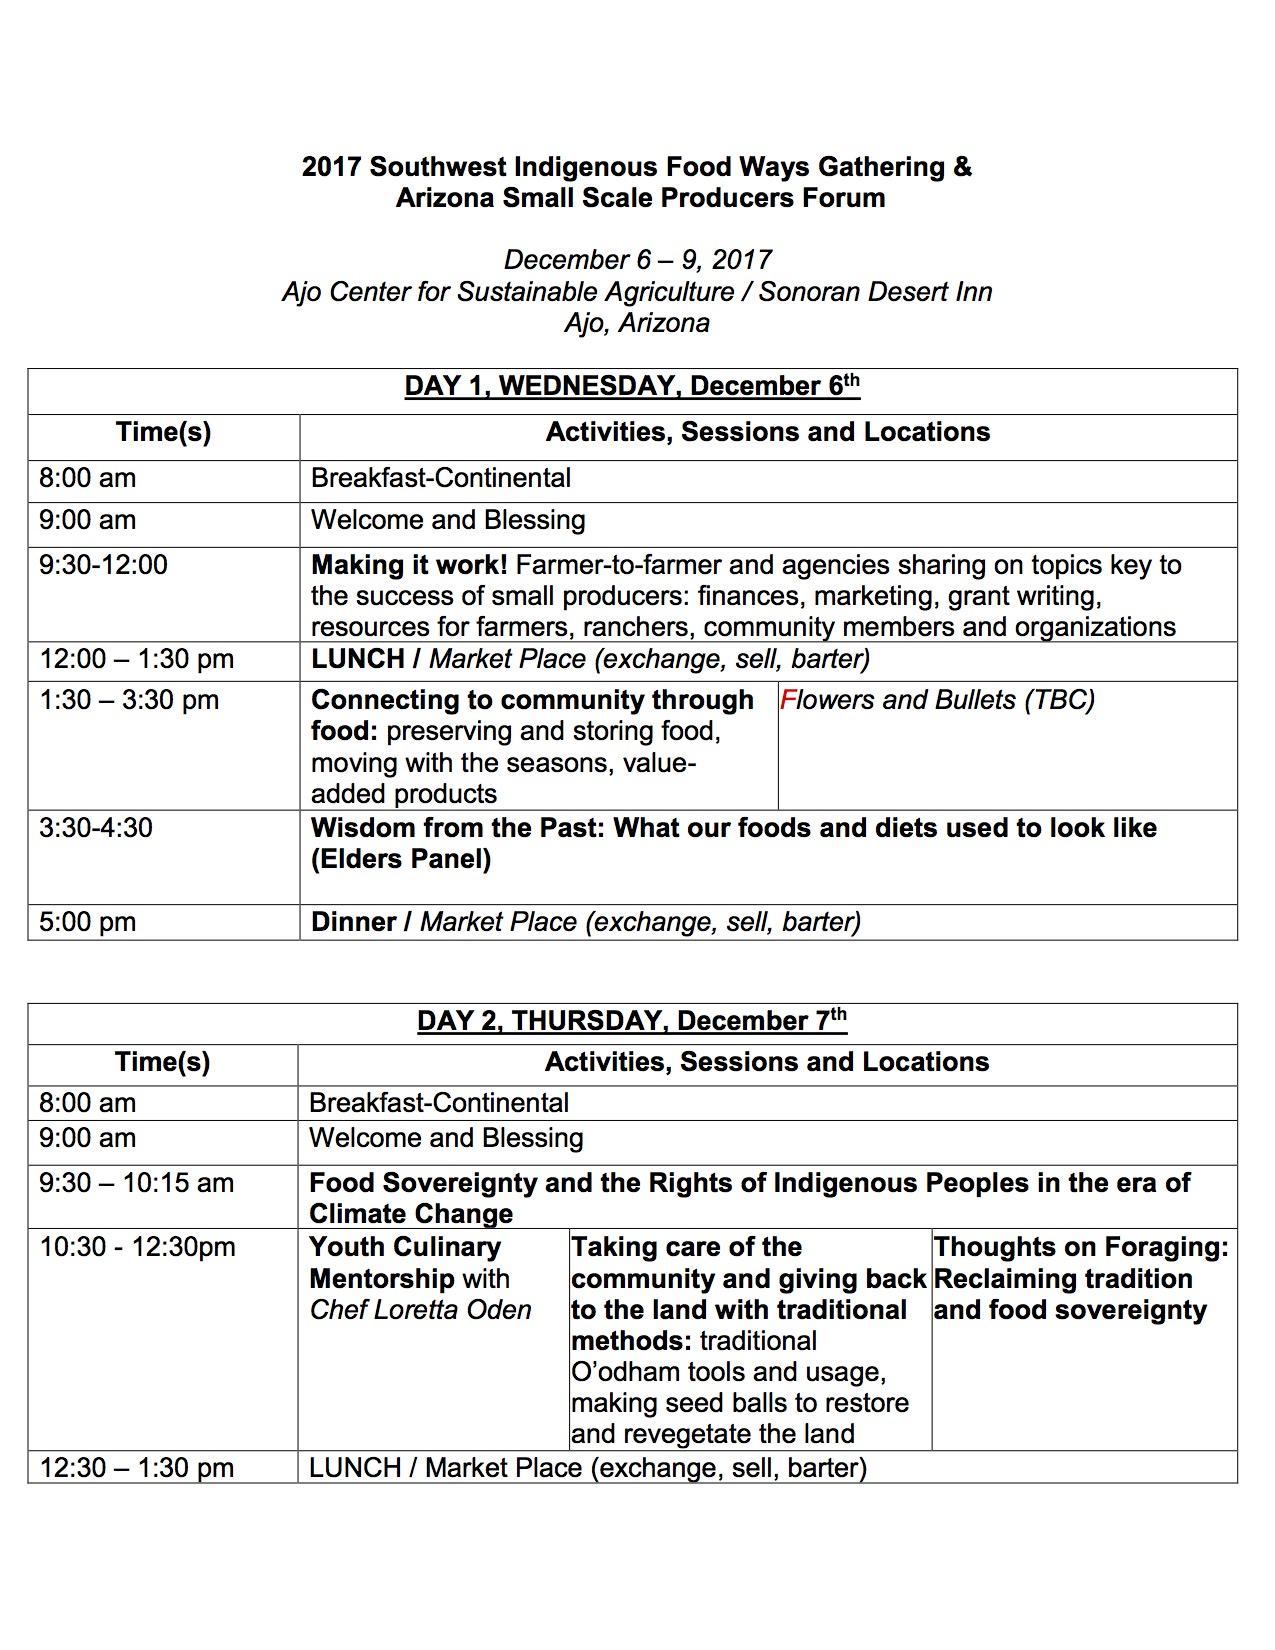 Agenda pg. 1